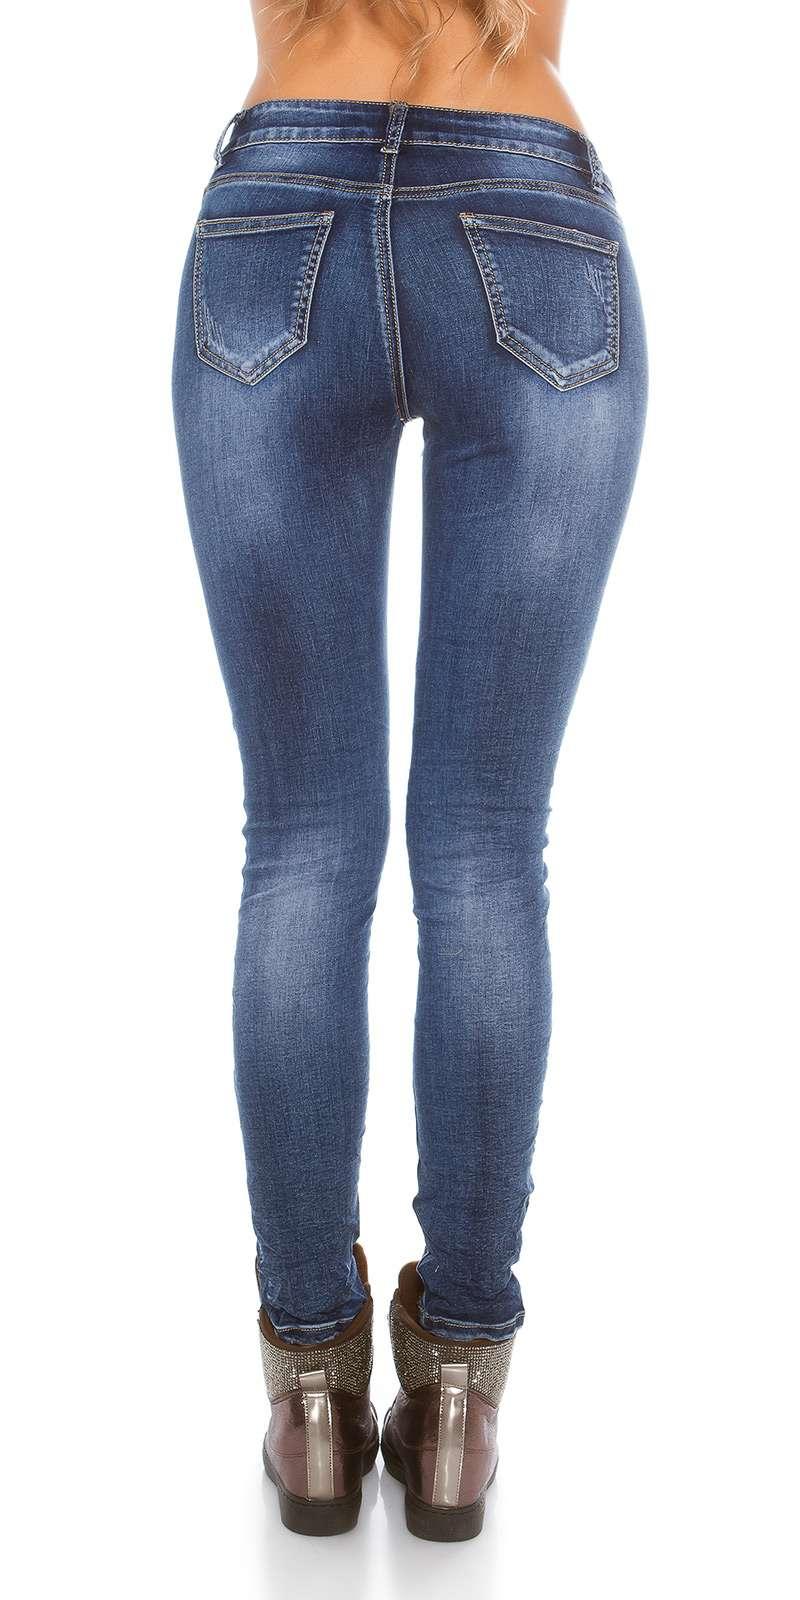 Jeans Stickerei